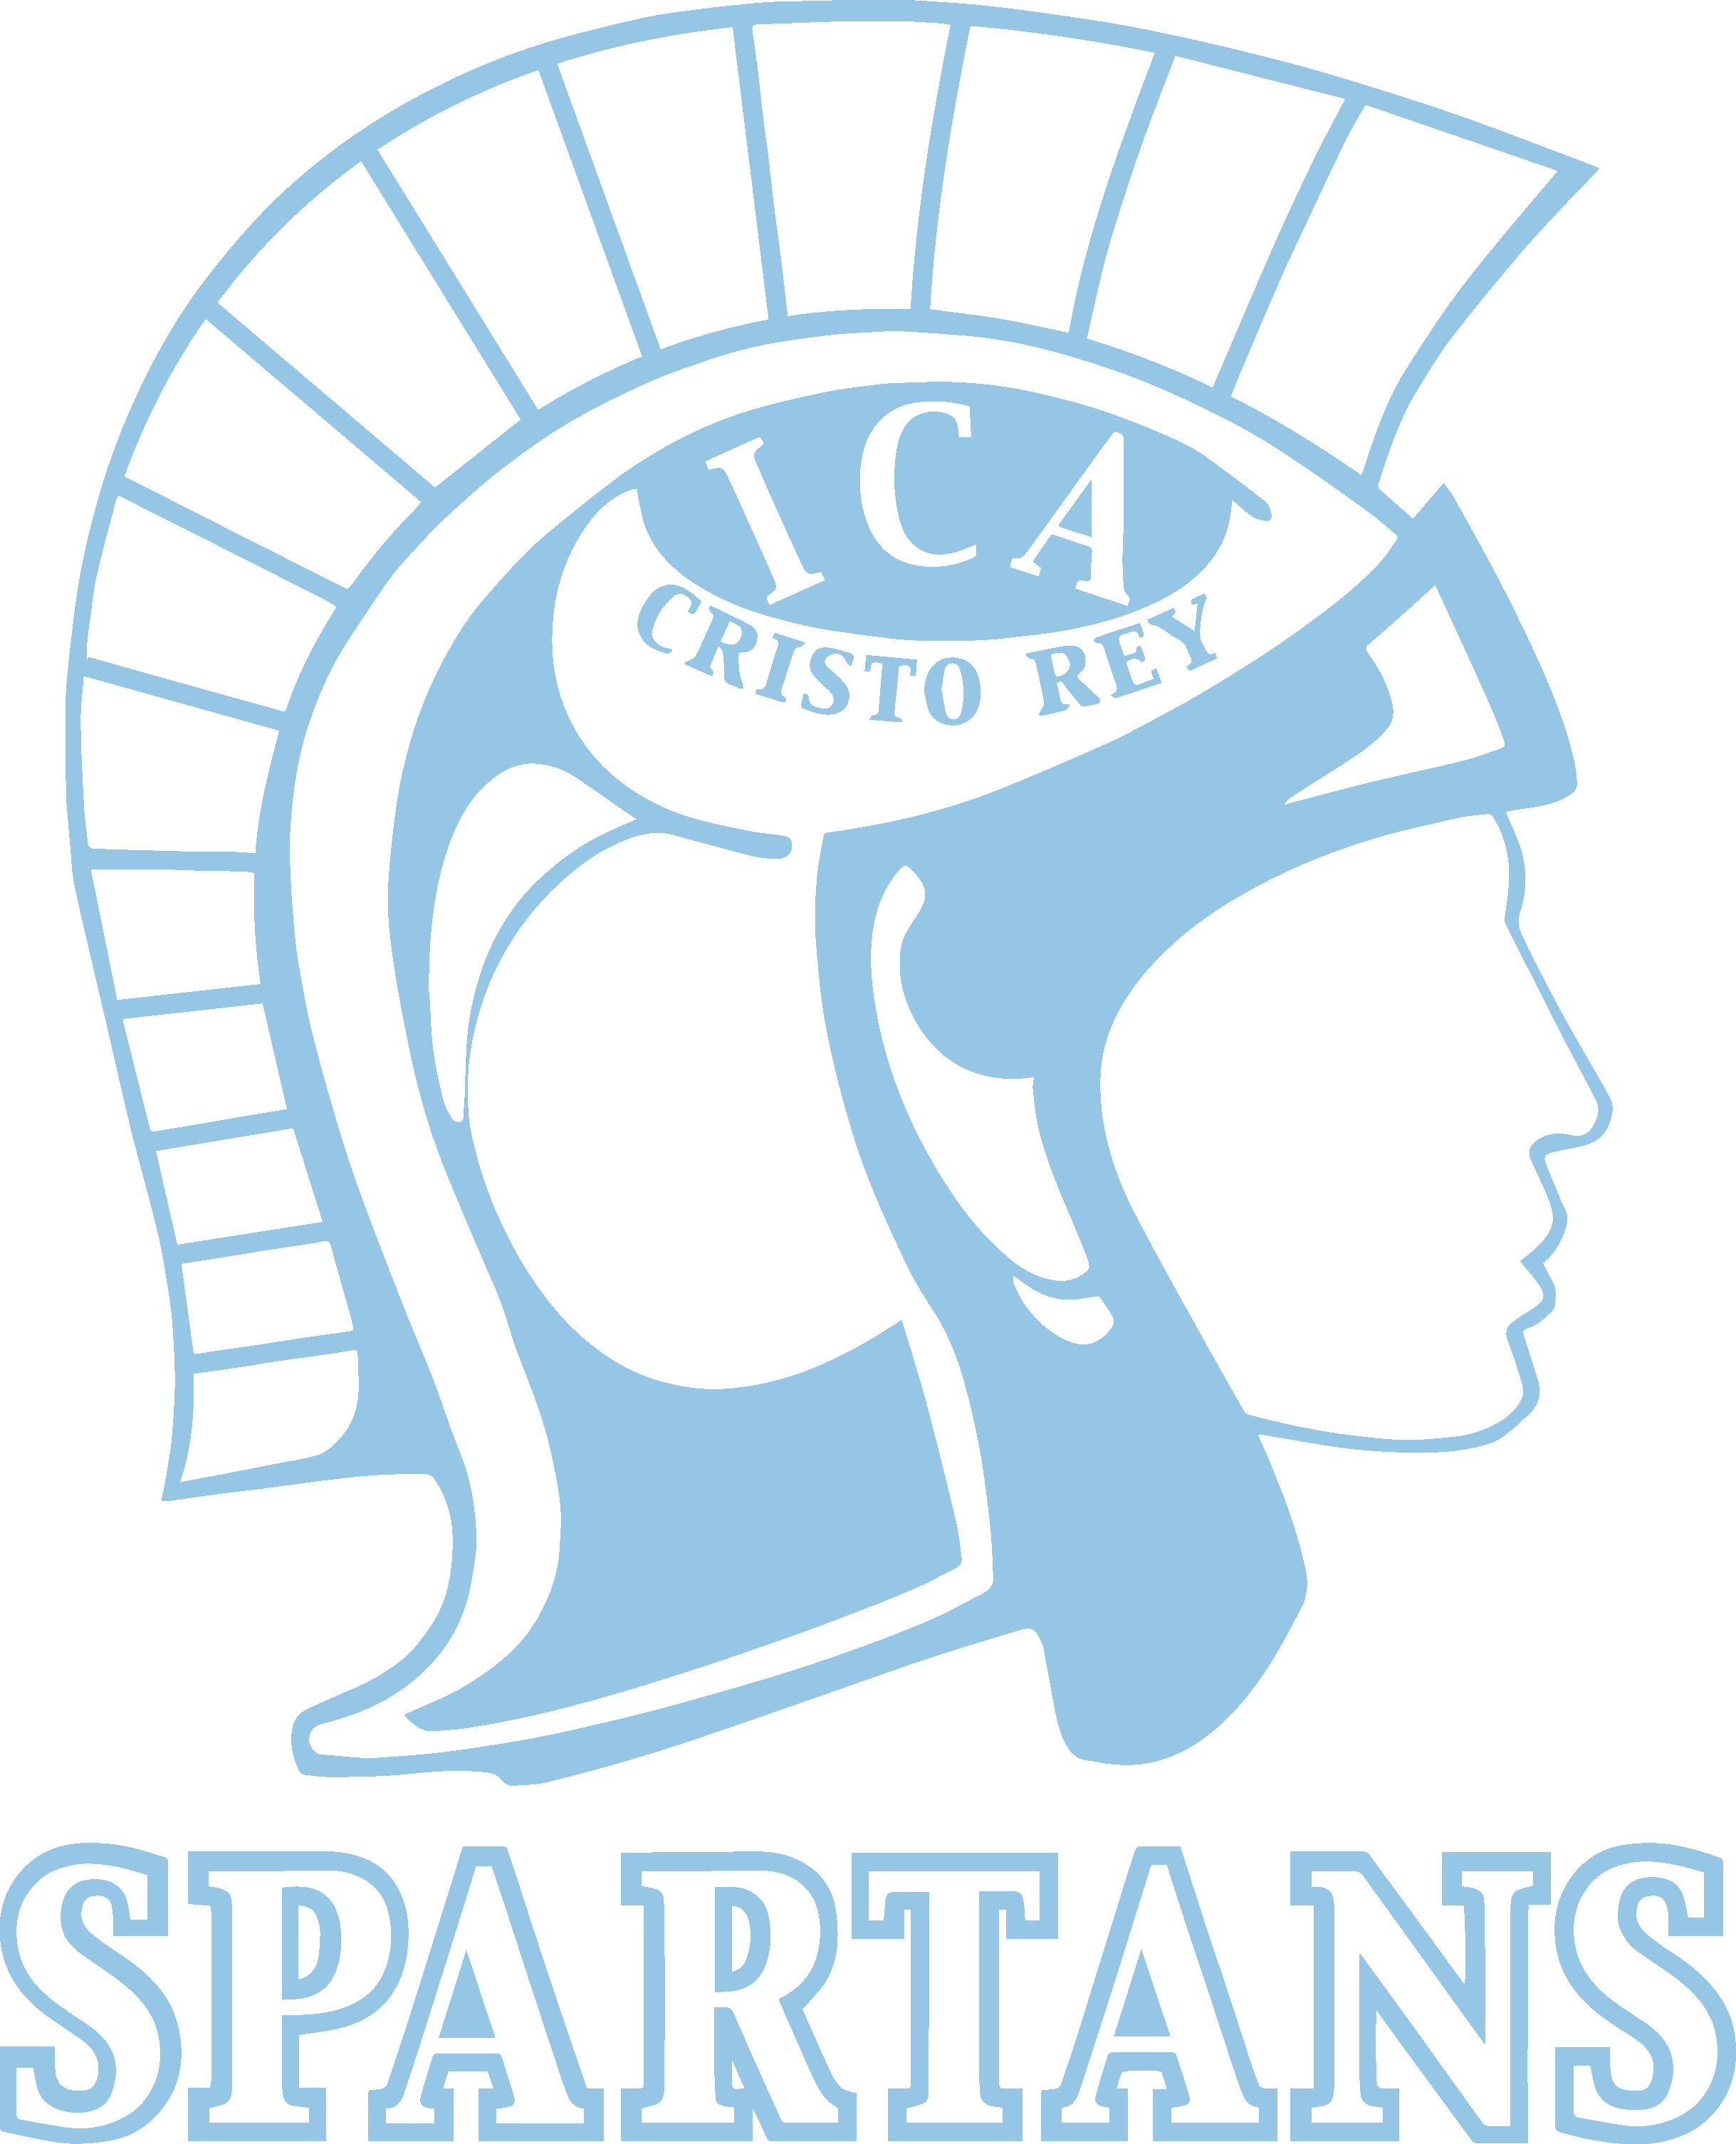 Mascot: Female Spartan Head